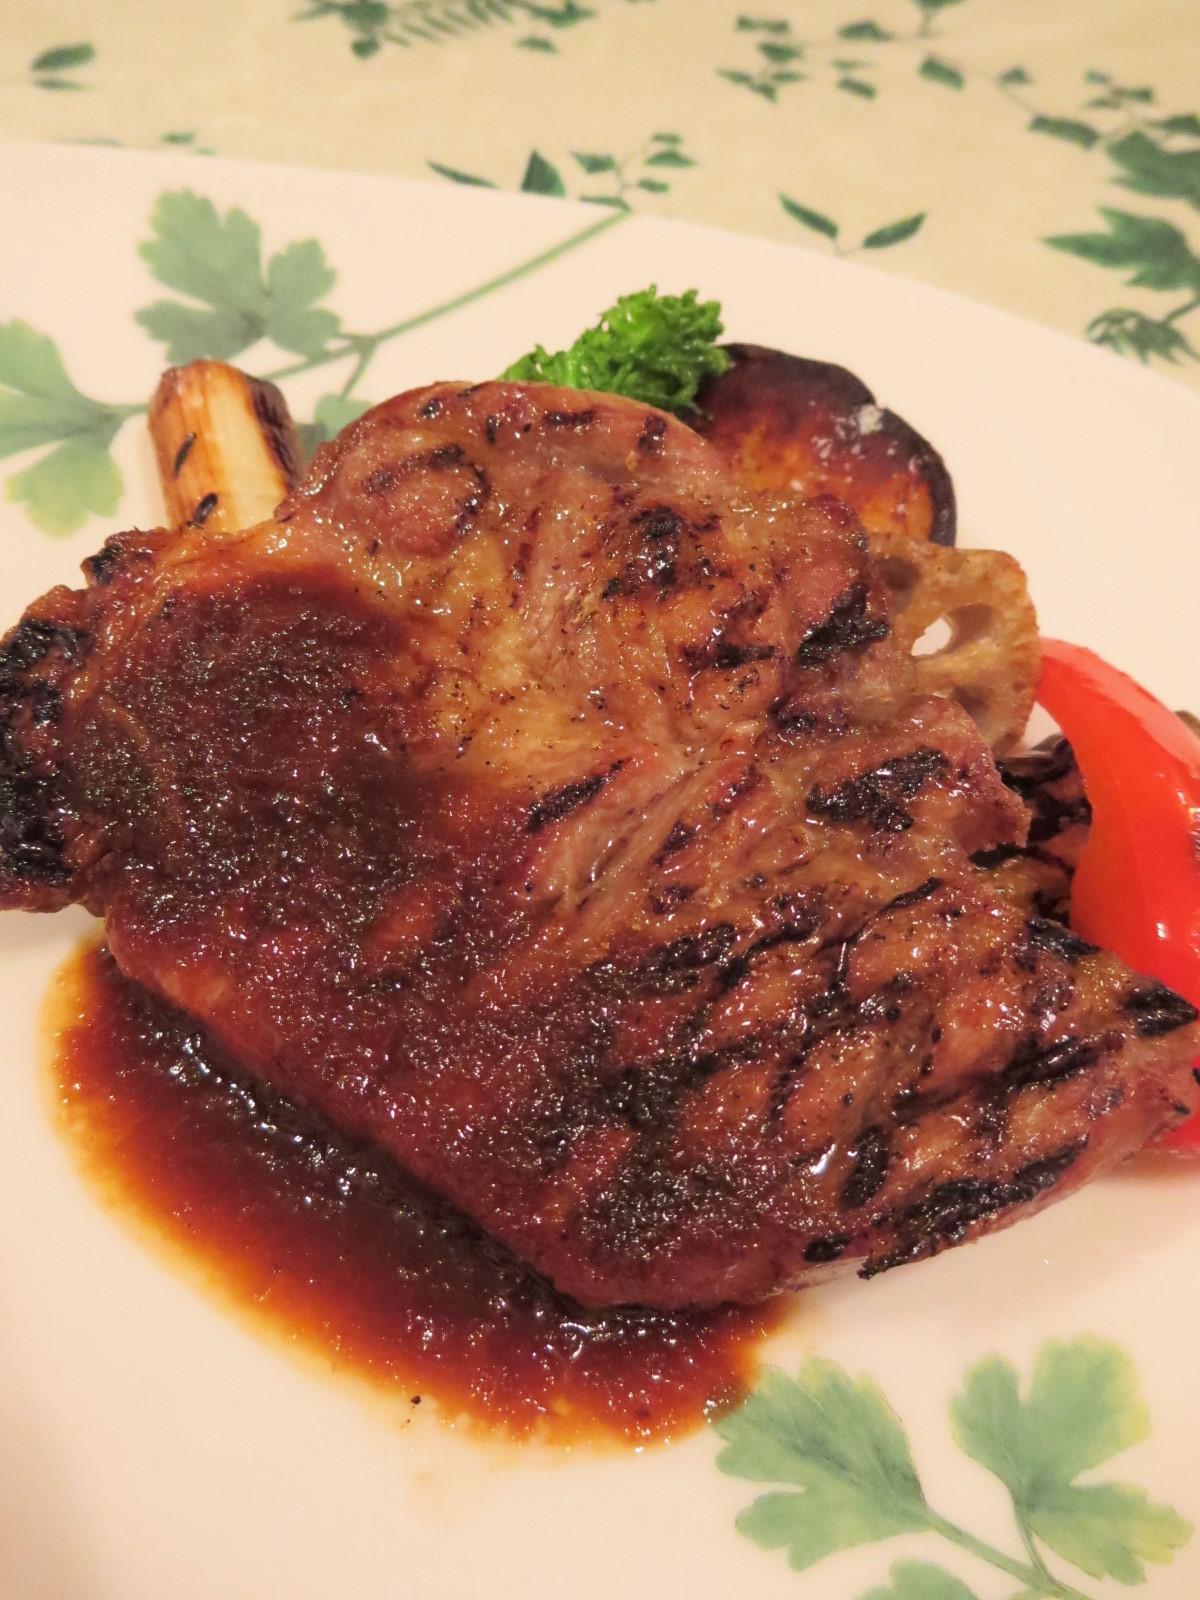 レストラン・カズラべのランチ☆2階のレストランシリーズ@旧軽_f0236260_20254757.jpg